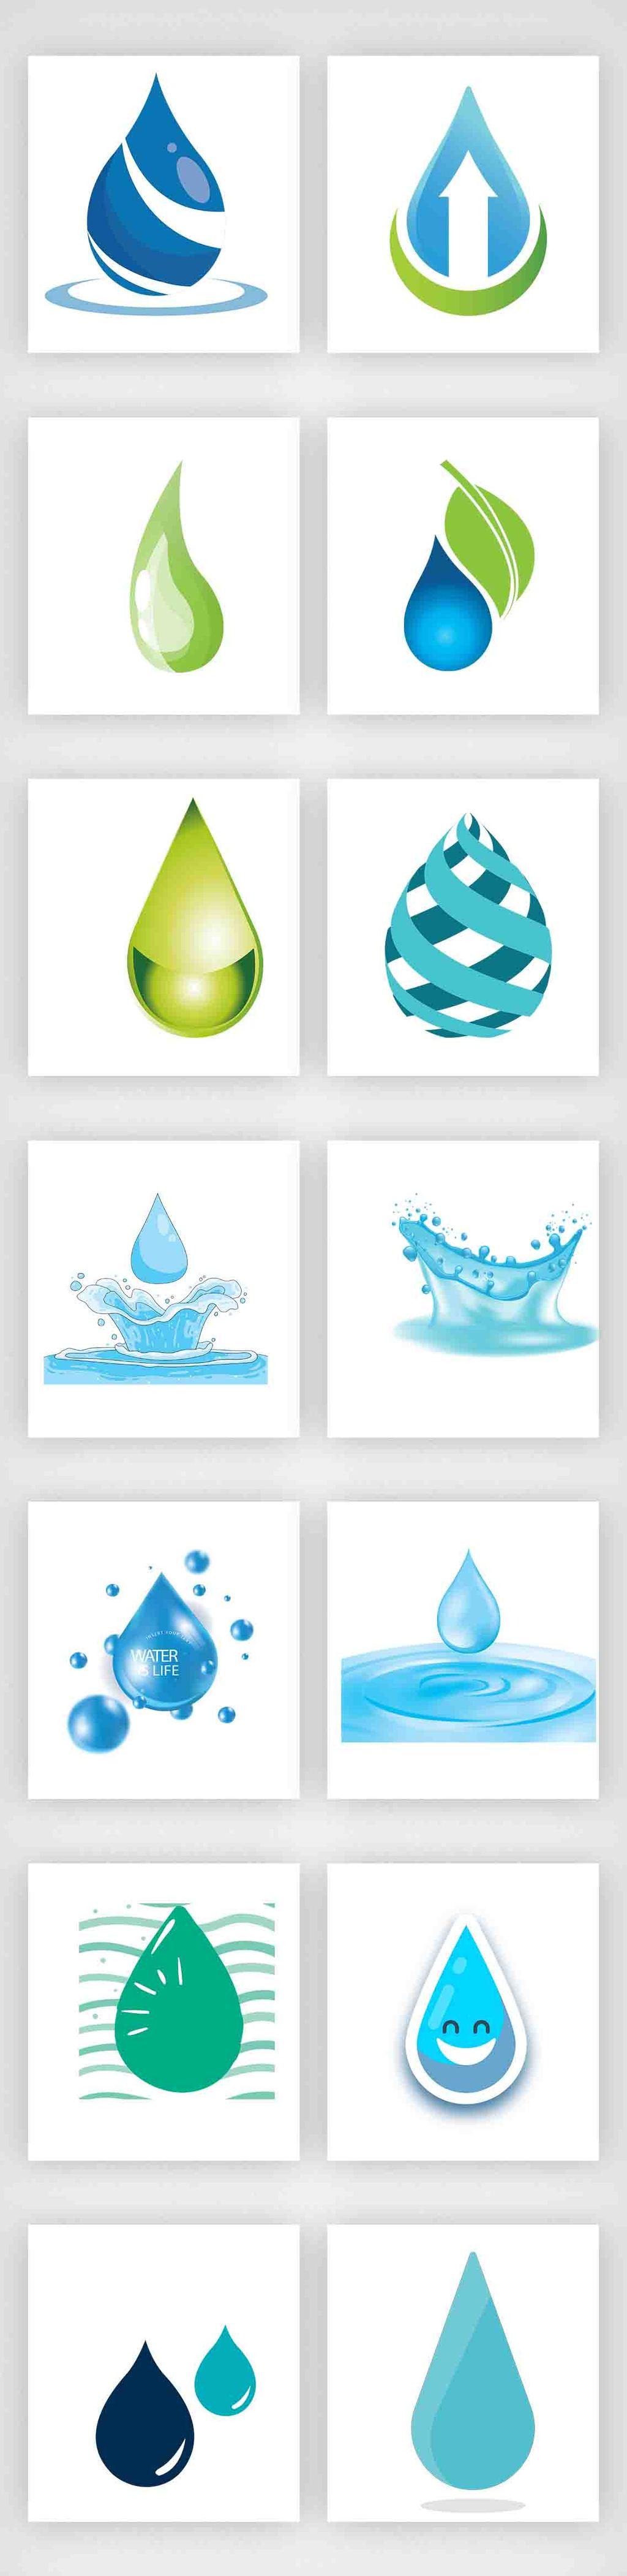 创意手绘水滴png素材